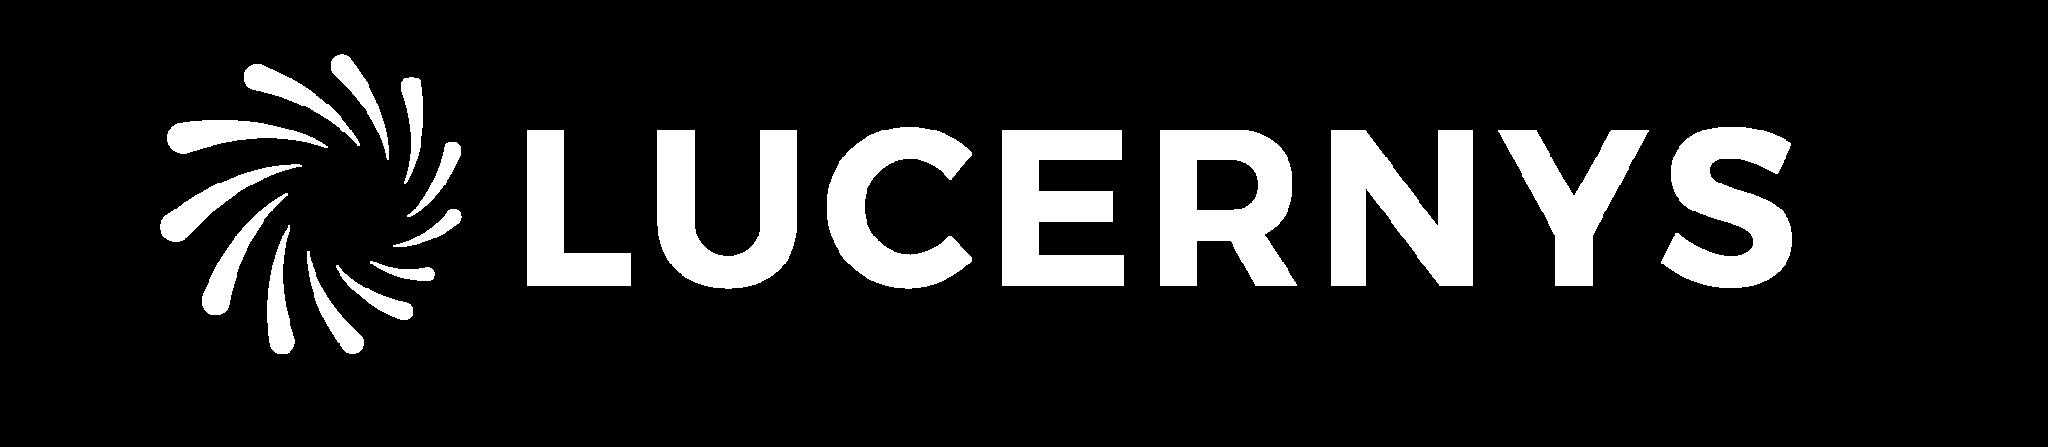 Tec-K